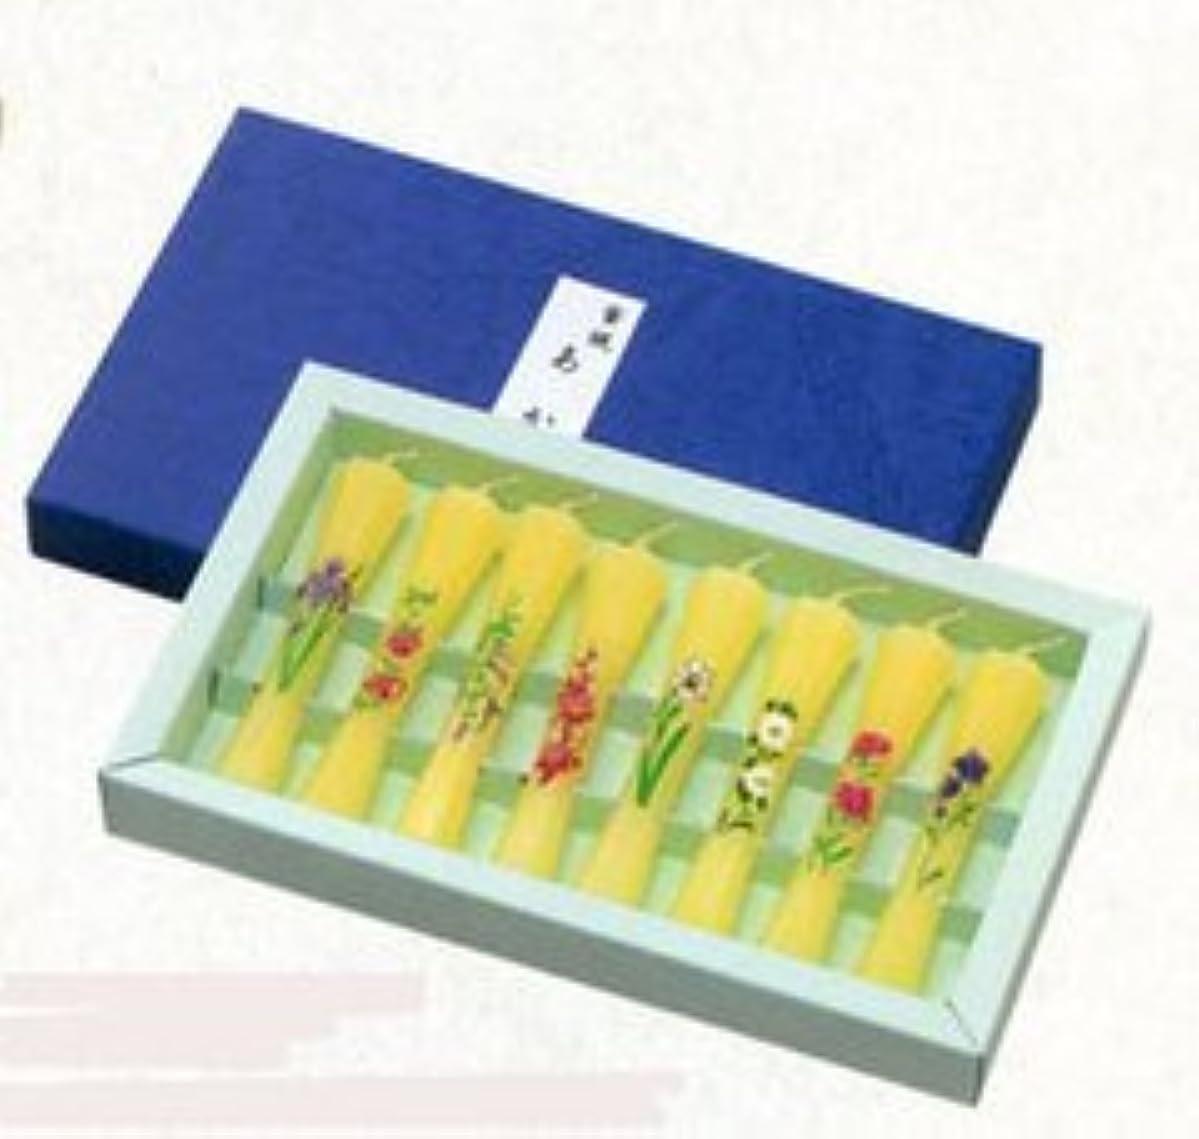 先史時代の砦恐怖症鮮やかな花の絵ローソク8本 蜜蝋(みつろー) 茜 絵ローソク